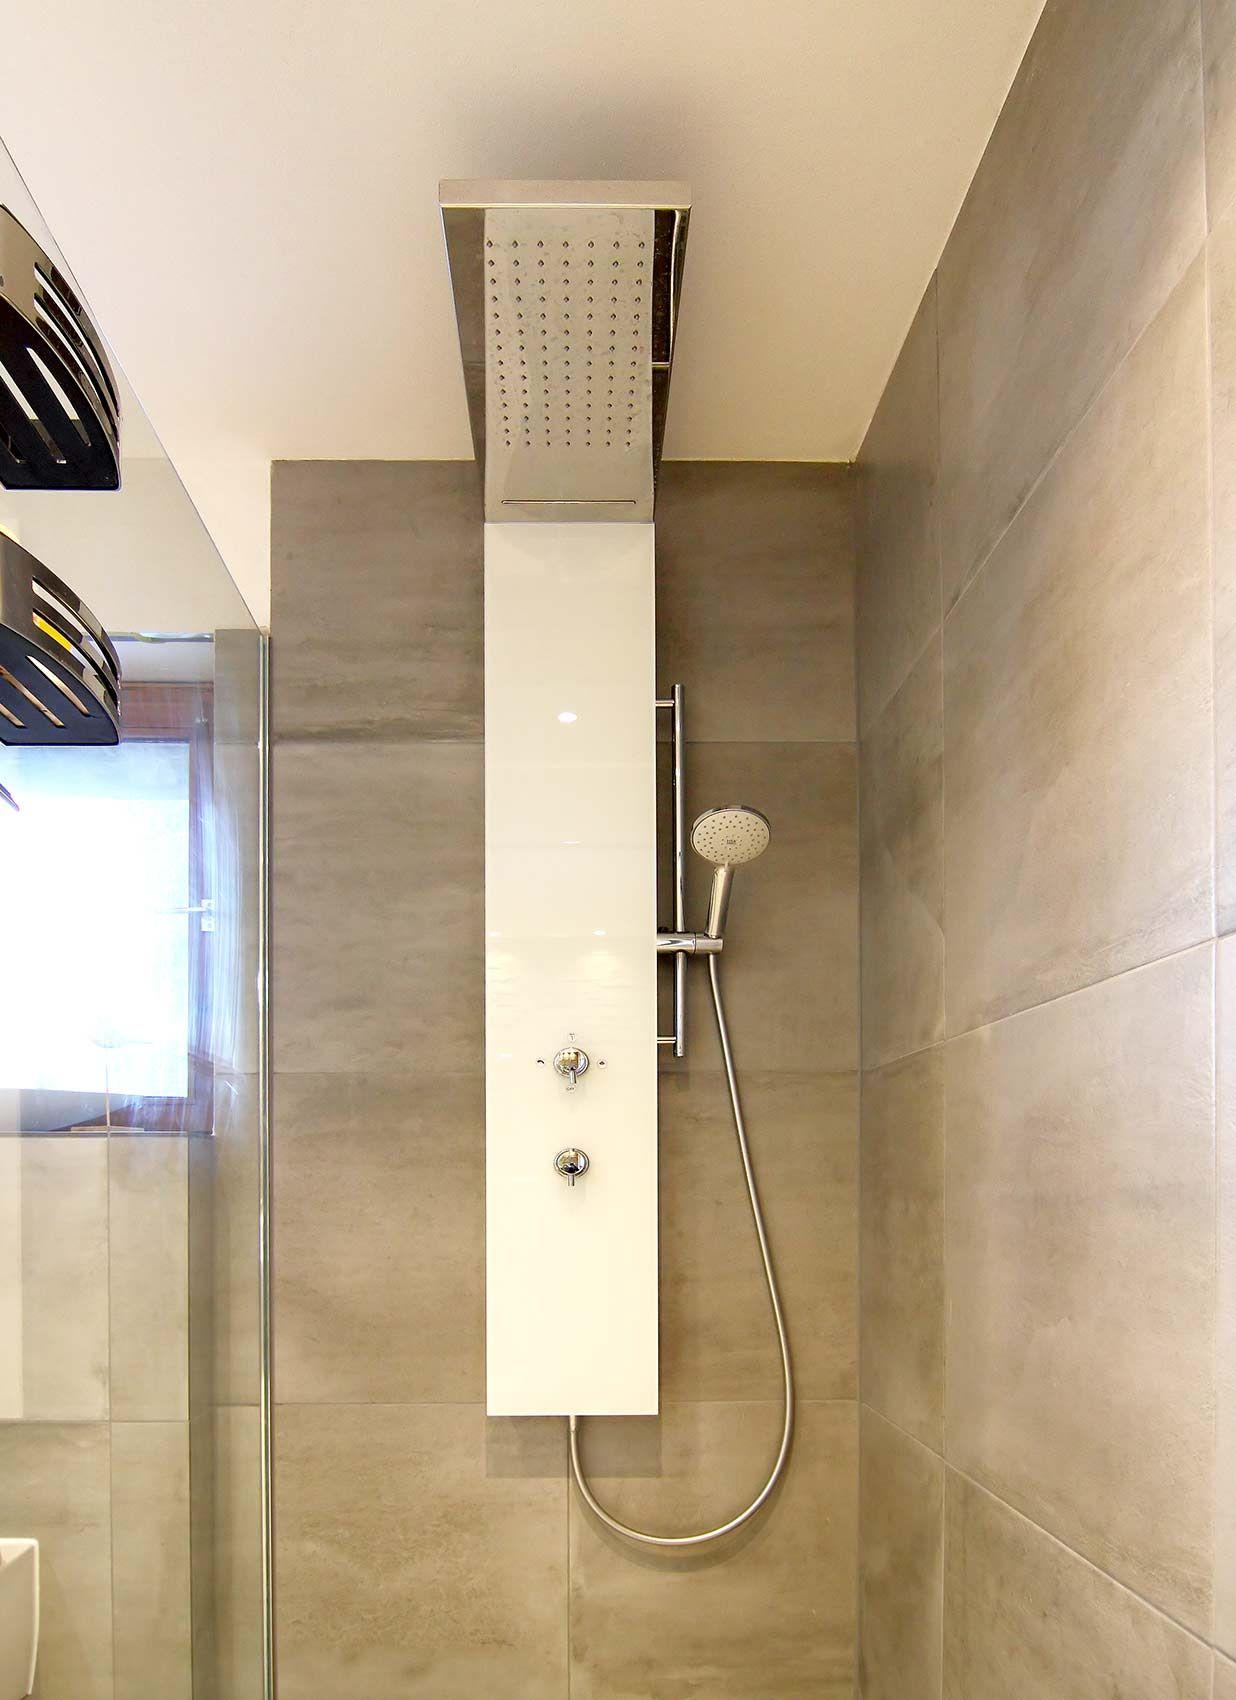 HEIMWOHL Badezimmer   Schwalldusche, Badezimmer, Dusche